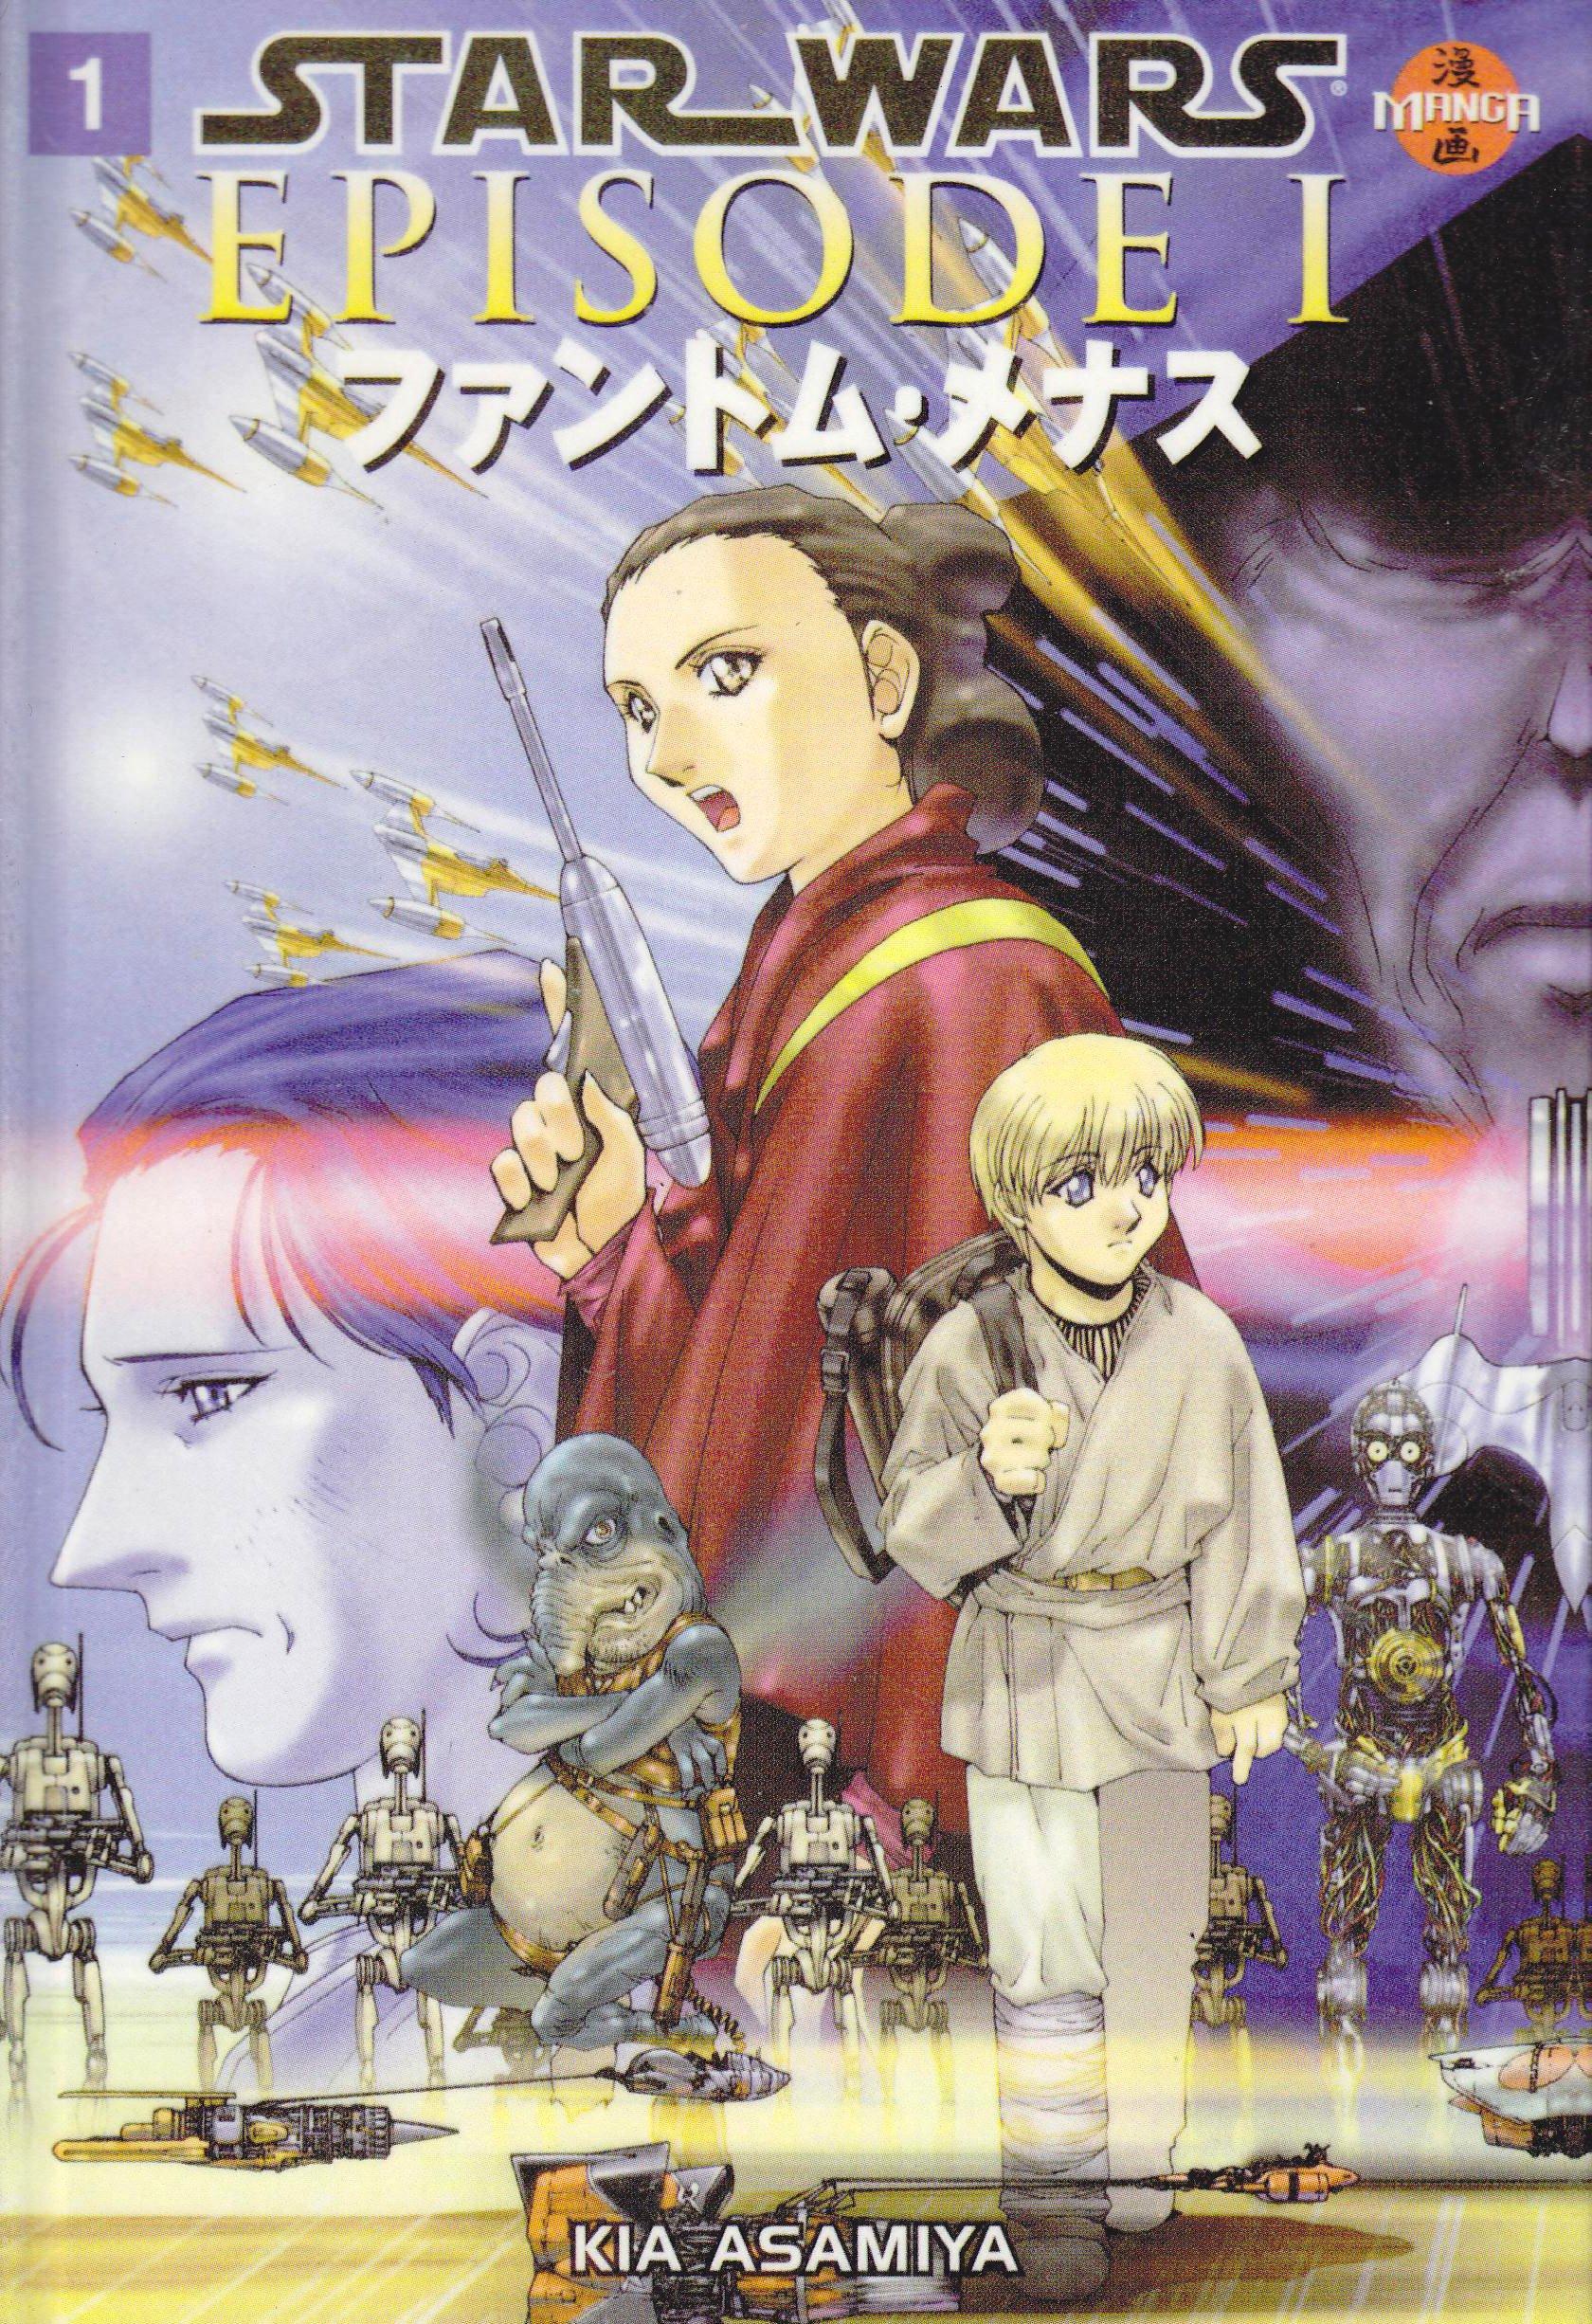 Star Wars: Episode 1 the Phantom Menance-manga 1 PDF